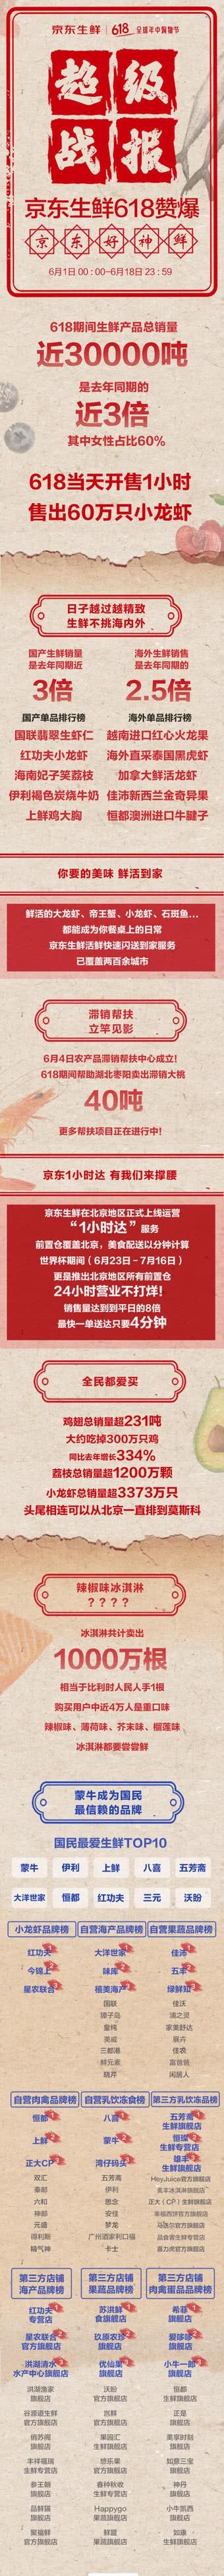 京东生鲜618战报:销售生鲜产品30000吨_零售_电商报